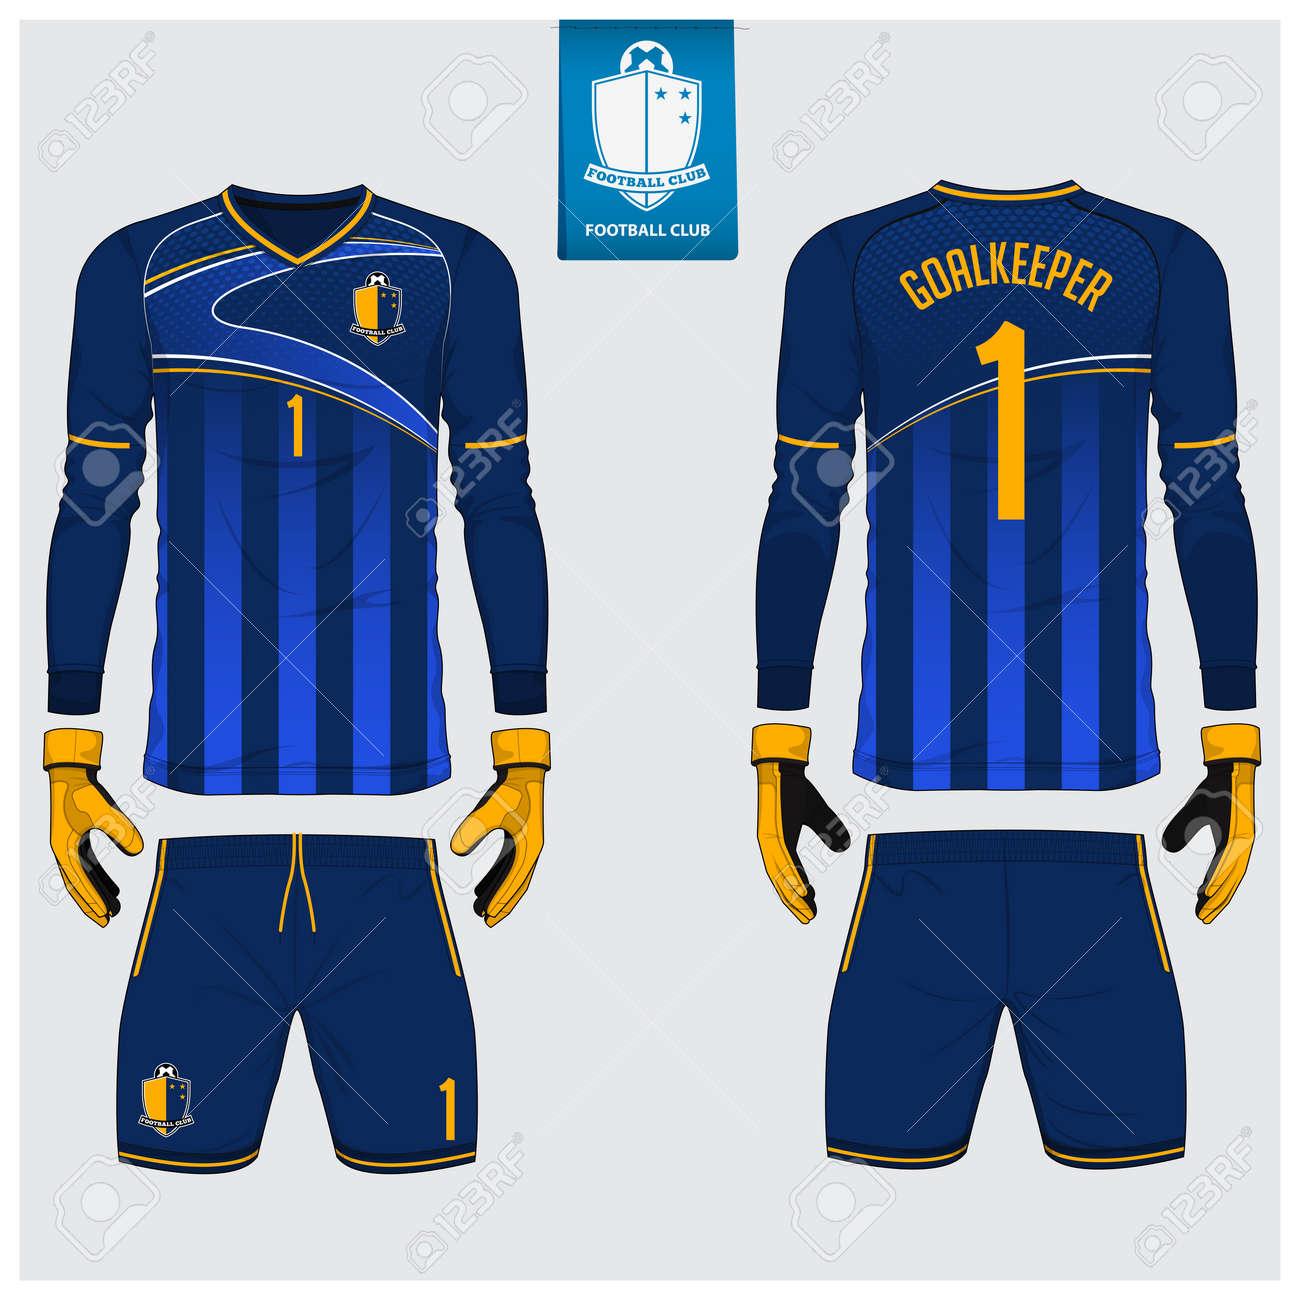 3e3fe18050a Goalkeeper jersey or soccer kit, long sleeve jersey, goalkeeper glove  template design. Sport